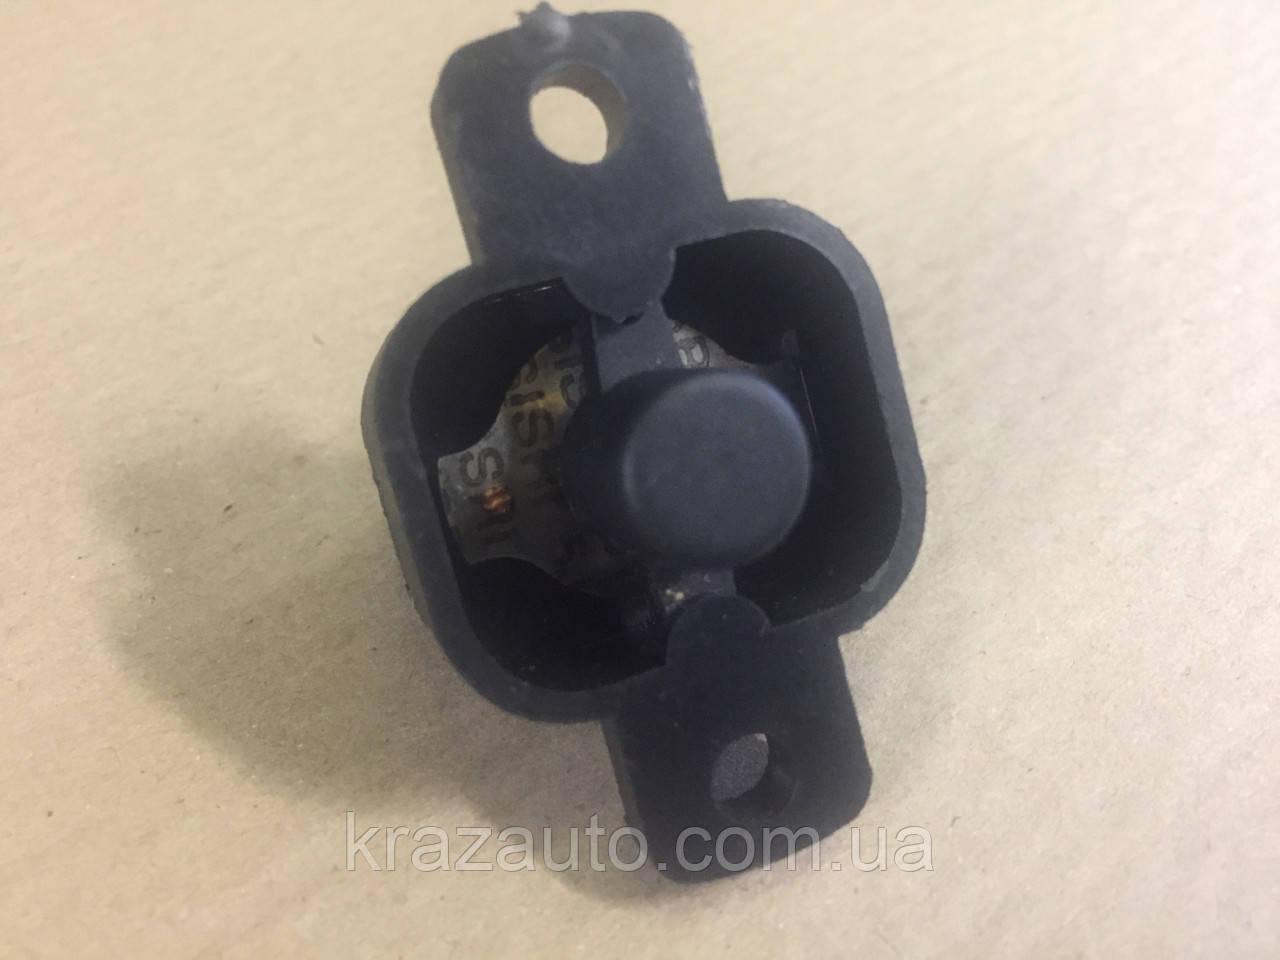 Предохранитель кнопочный ПР2-3722000-Б